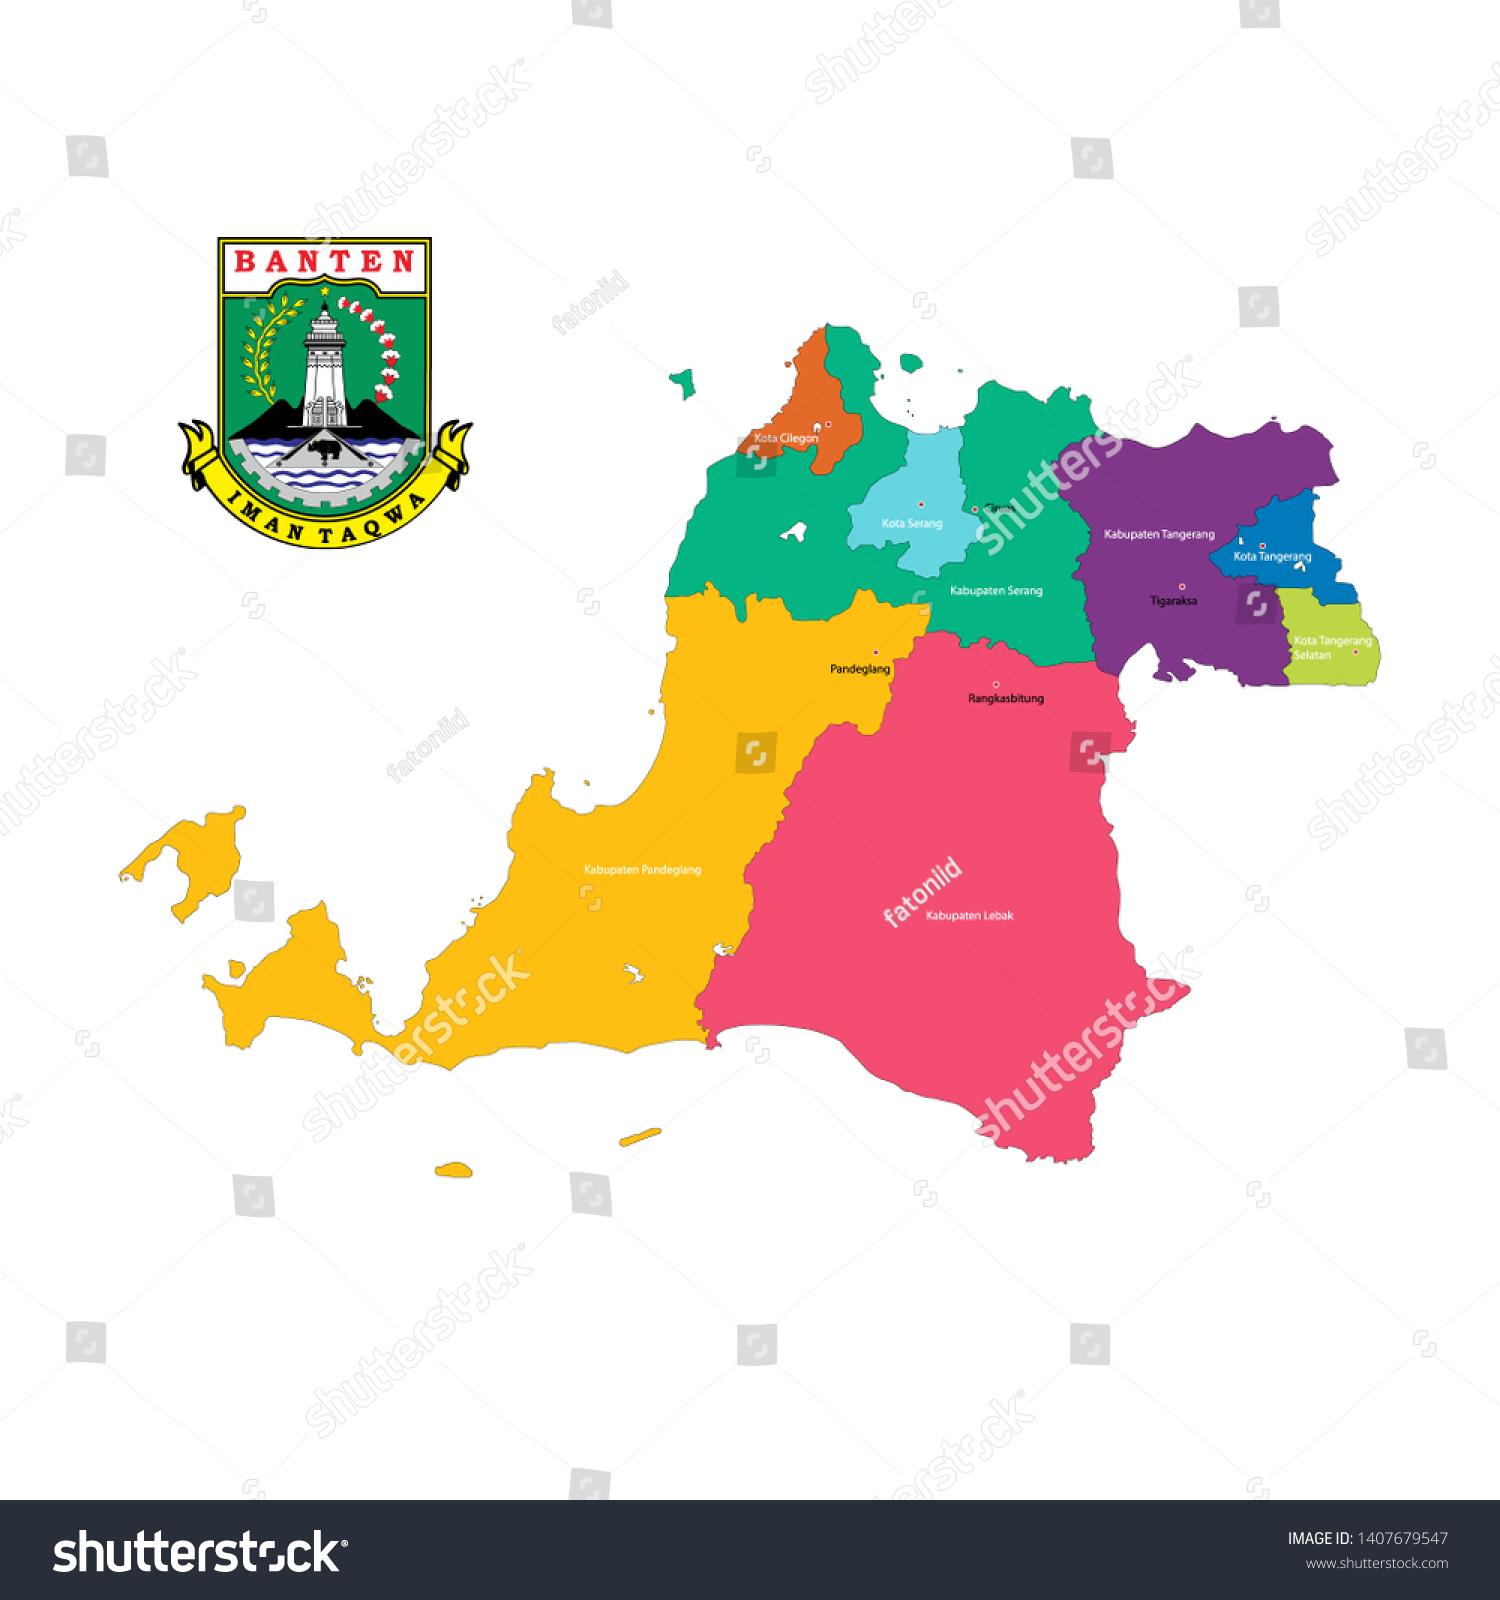 Colored Vector Maps Logos Province Banten Stock Vector Royalty Free 1407679547